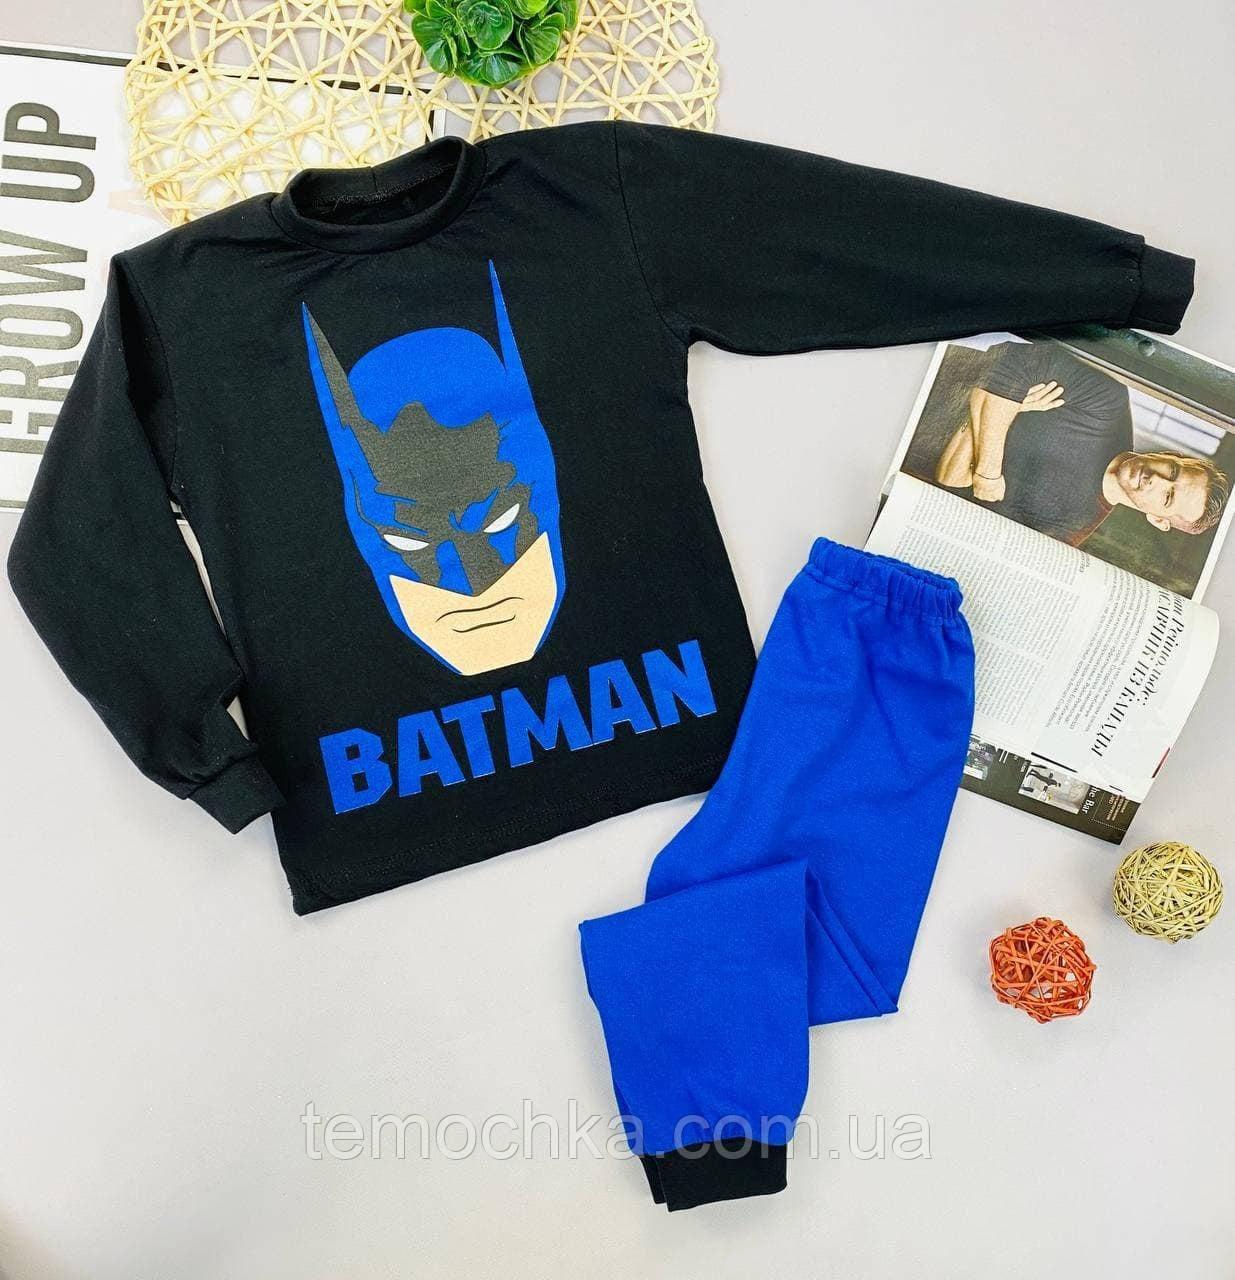 Піжама дитяча для хлопчика для дому чи садку Бетмен